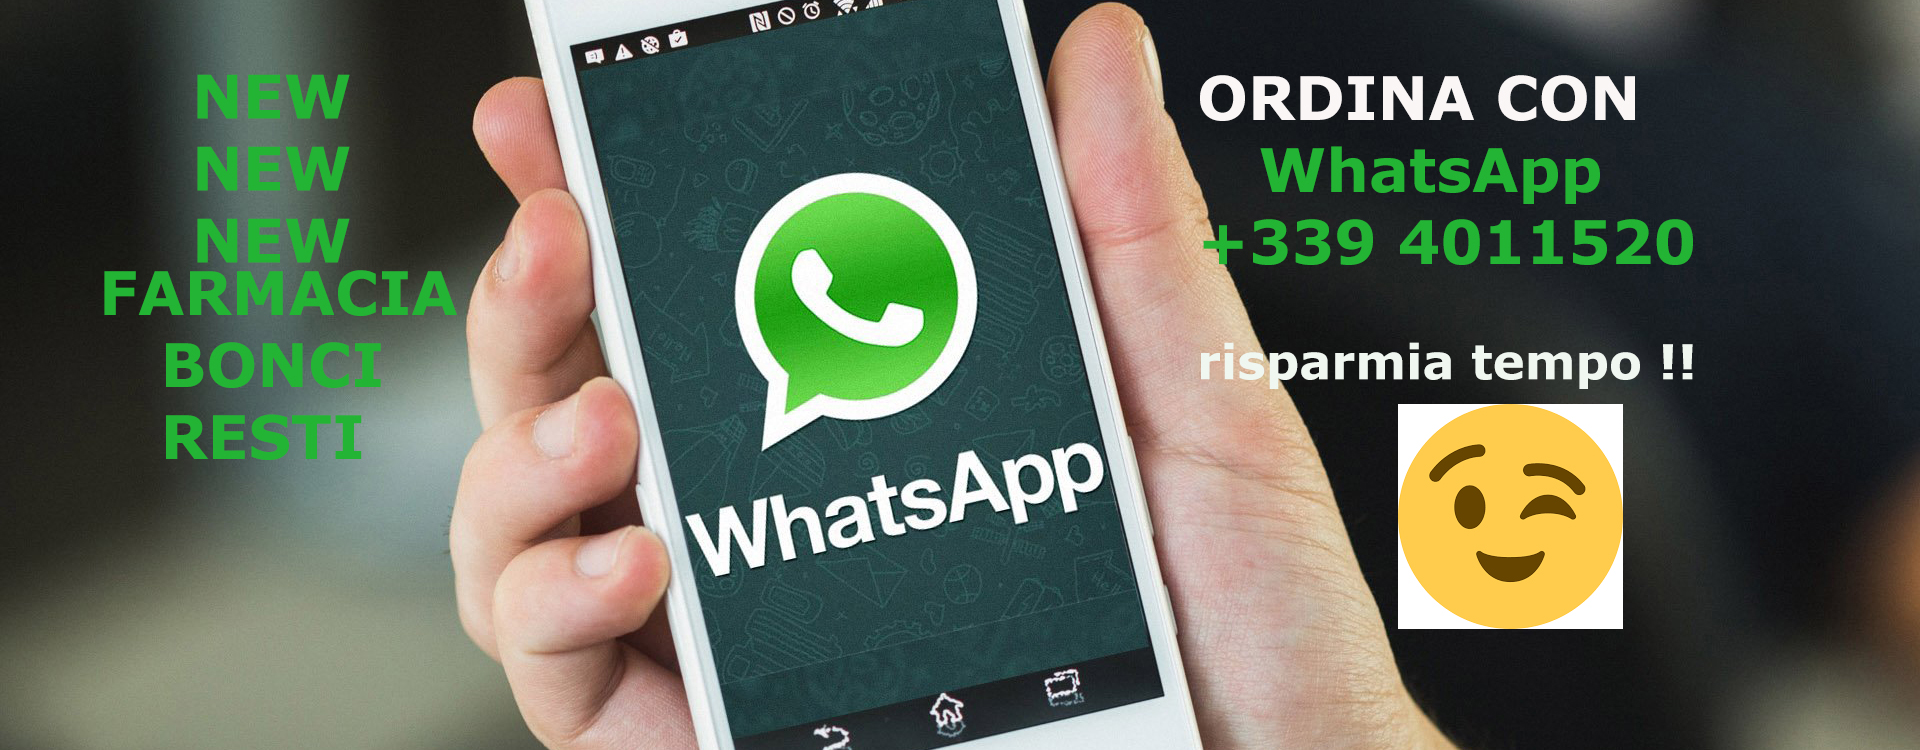 WhatsApp Farmacia